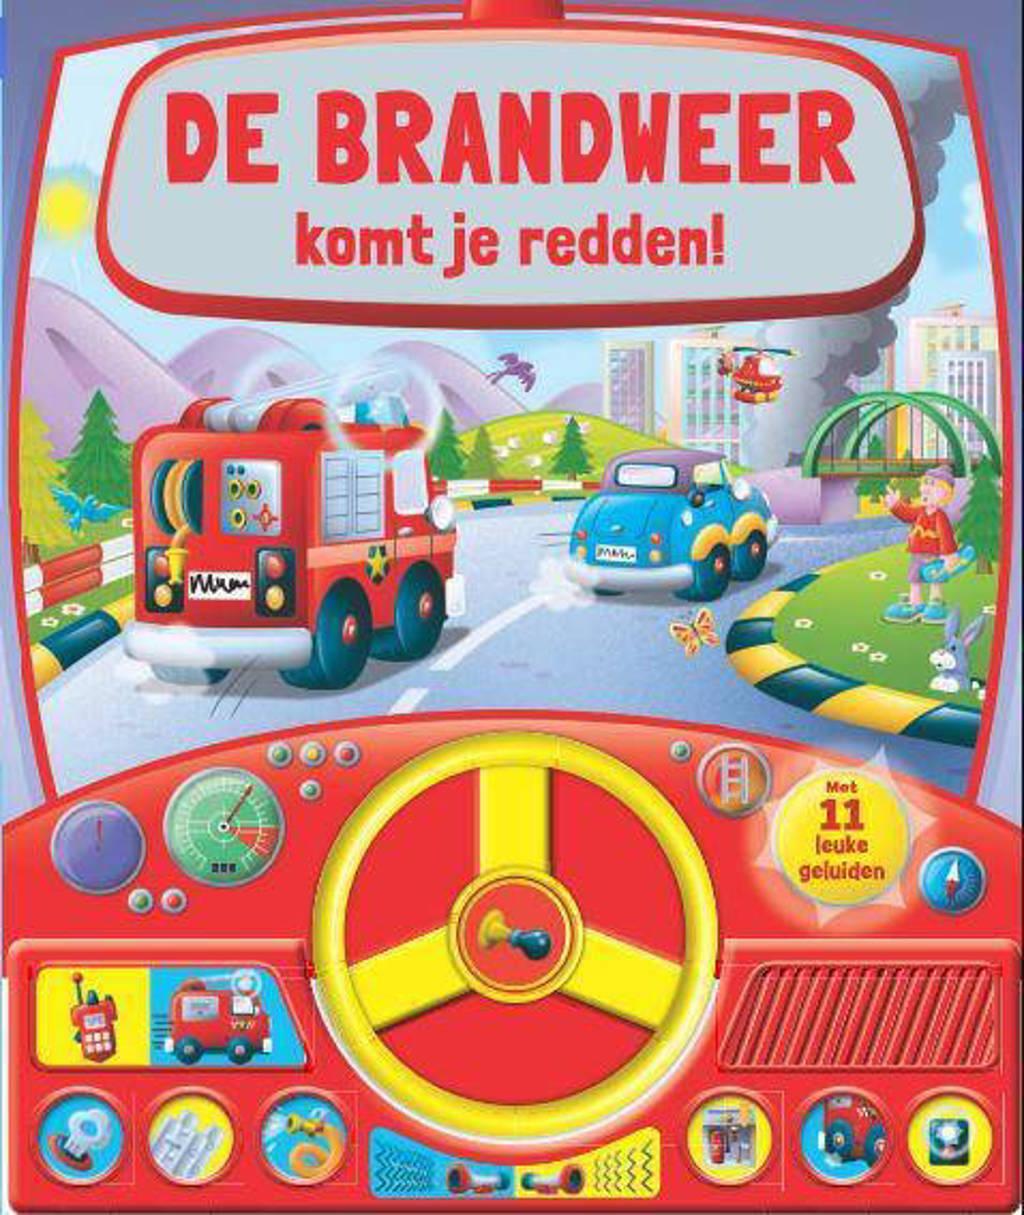 De brandweer komt je redden